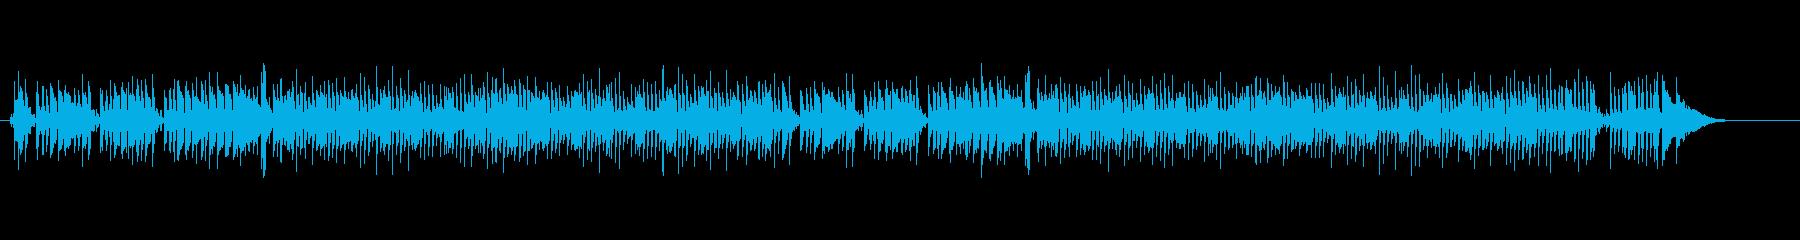 軽快でノリの良いピアノ・フュージョンの再生済みの波形